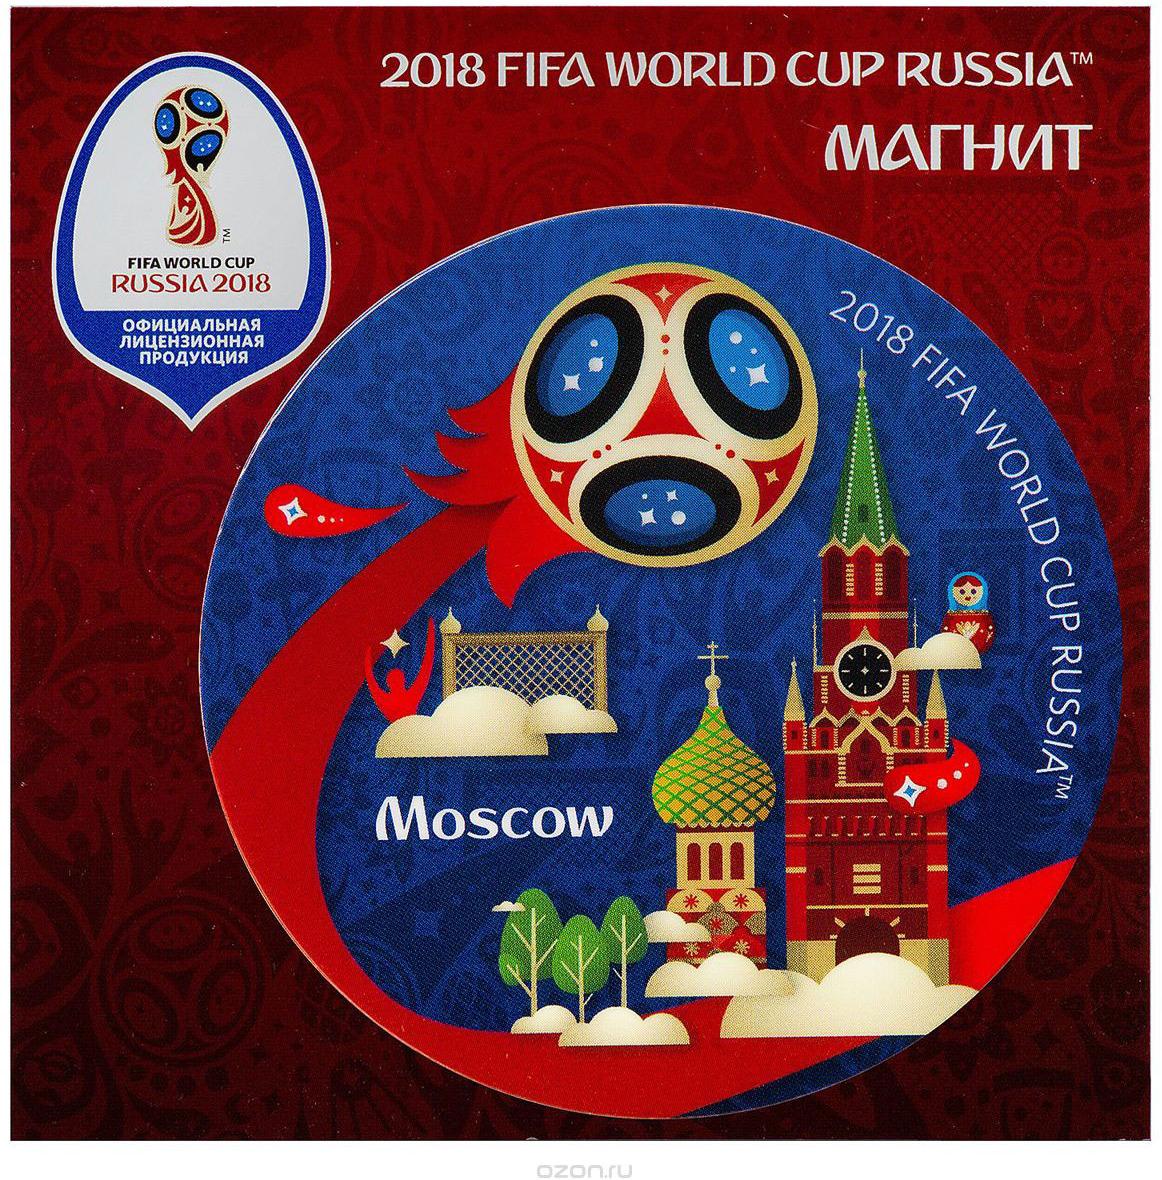 Магнит сувенирный FIFA 2018 Москва, диаметр 6 см. СН506 магнит сувенирный fifa 2018 кубок 6 х 13 см сн538